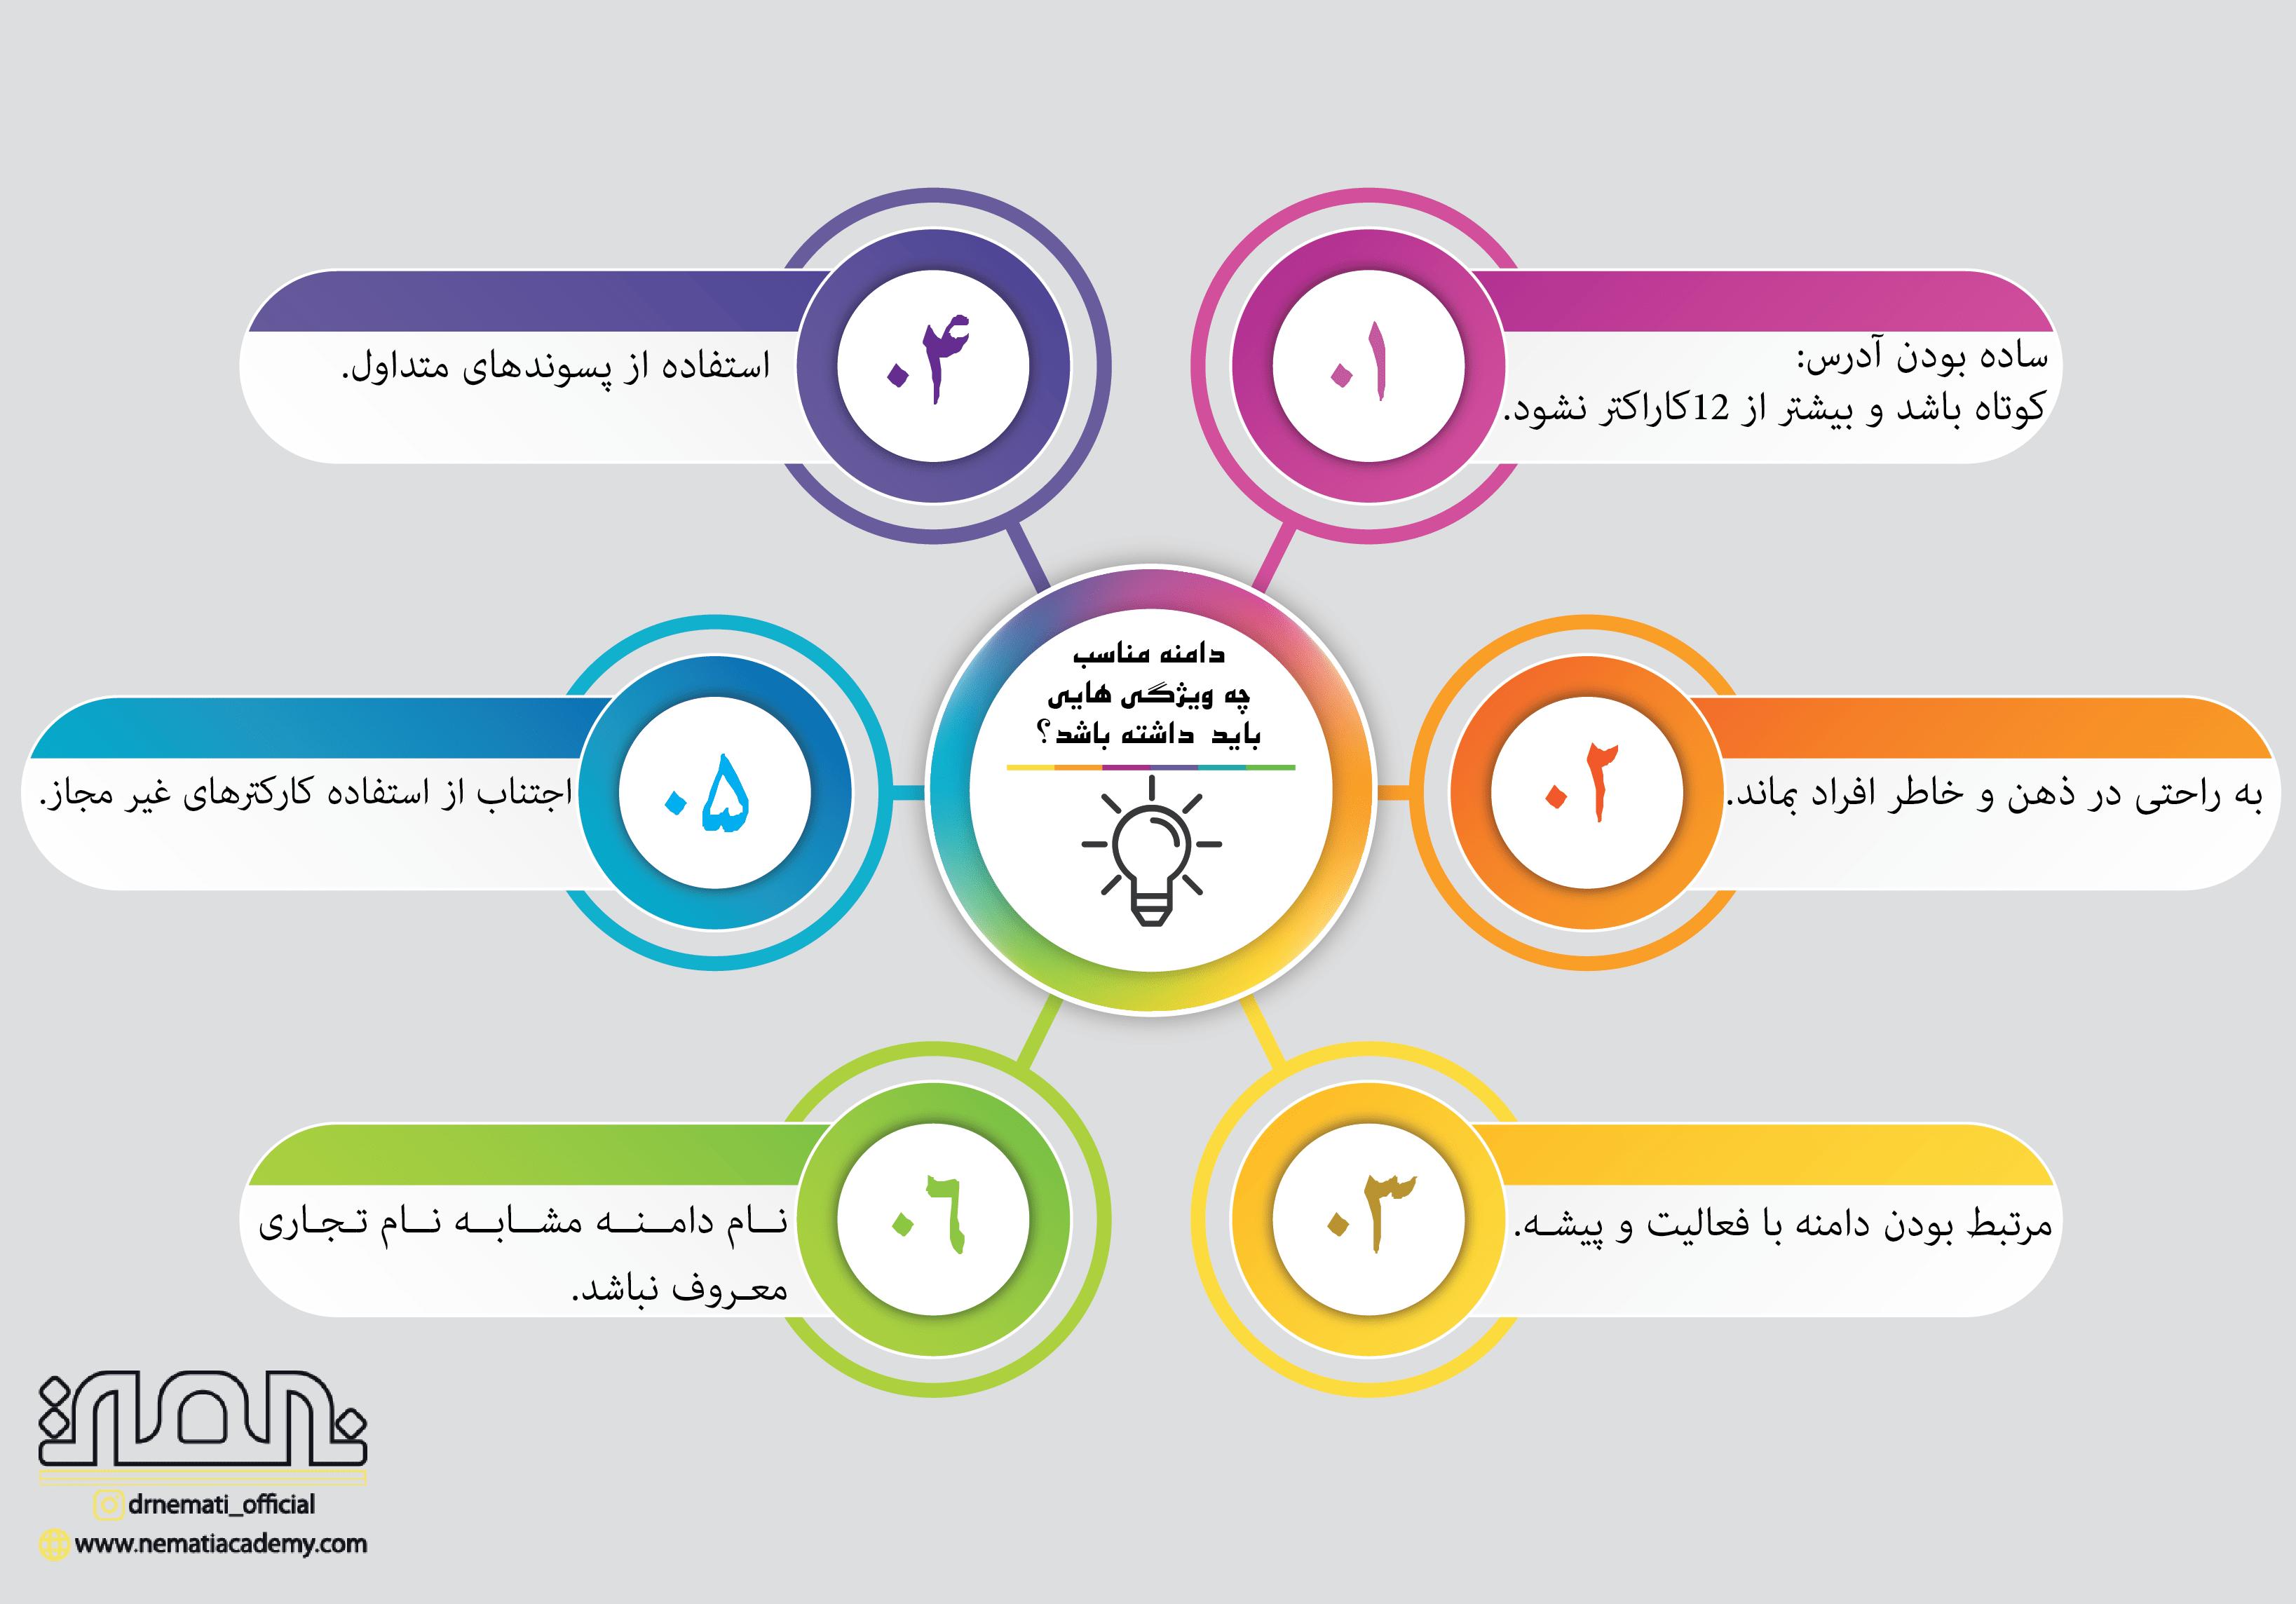 ویژگی های دامنه چیست؟